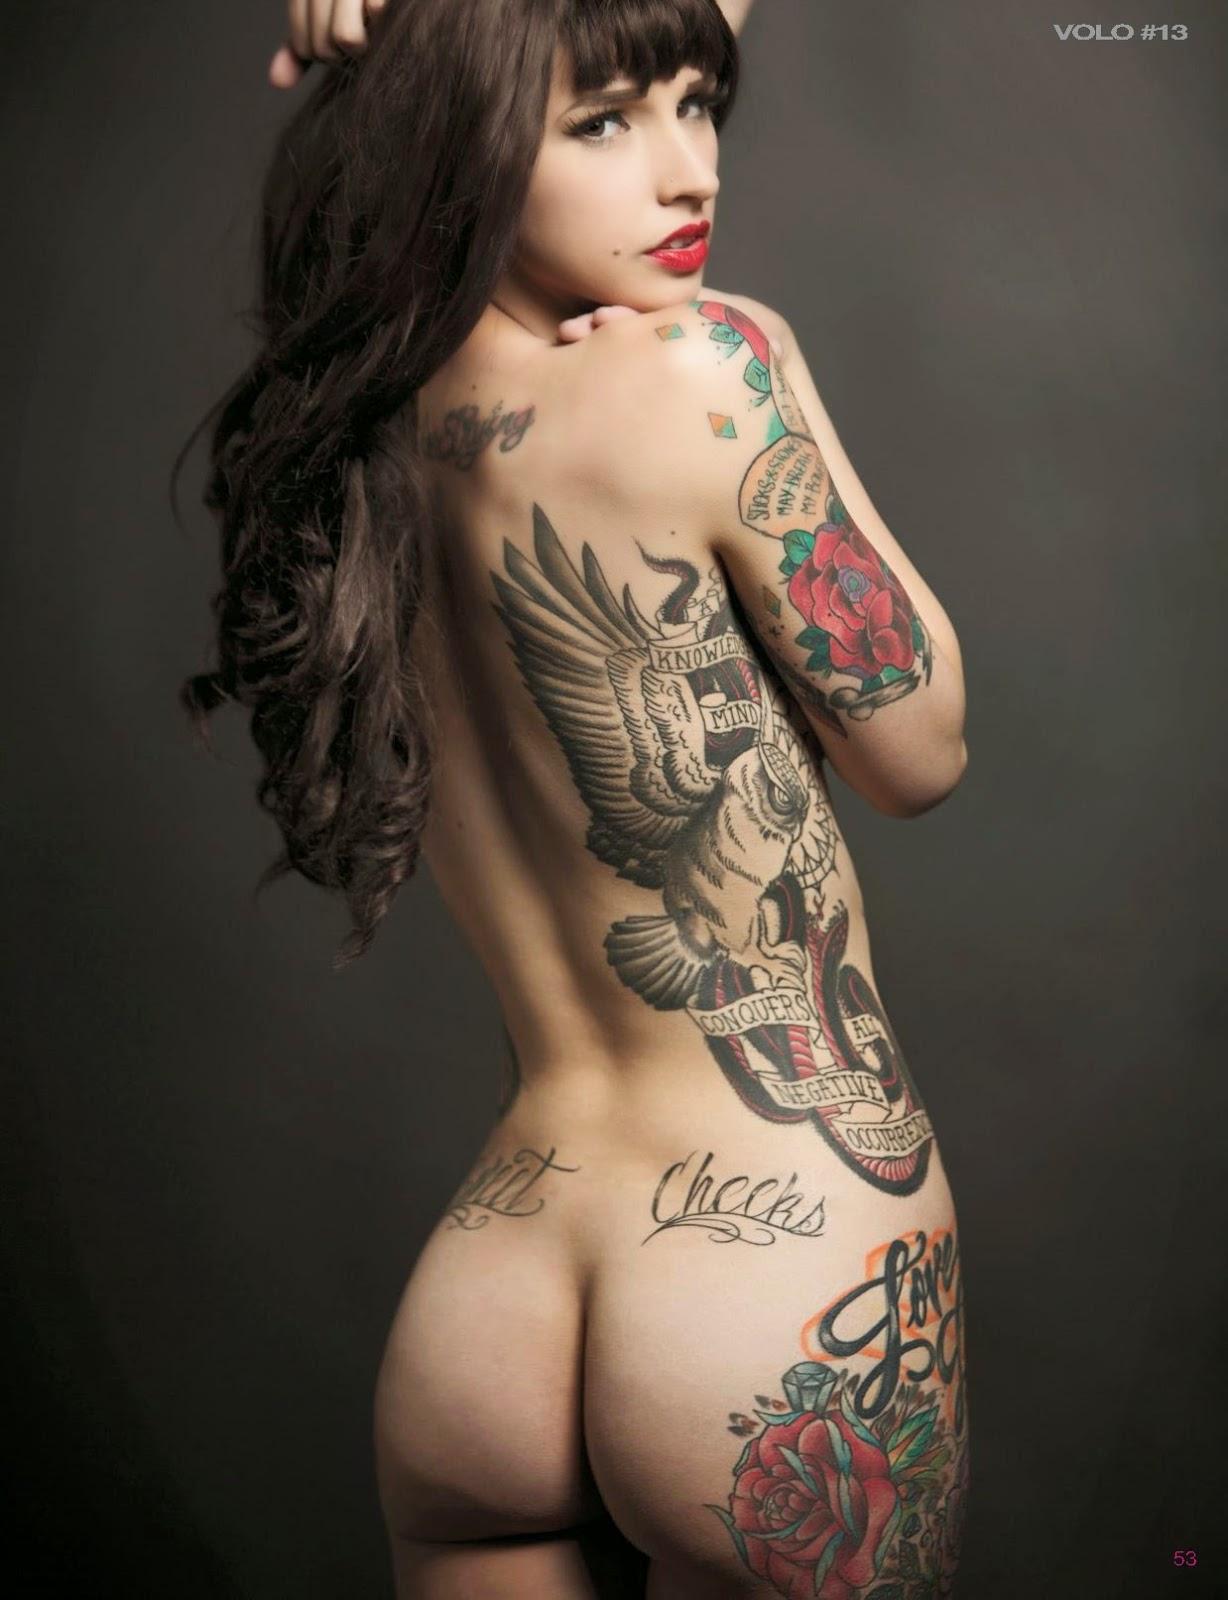 inked and fucking naked girls